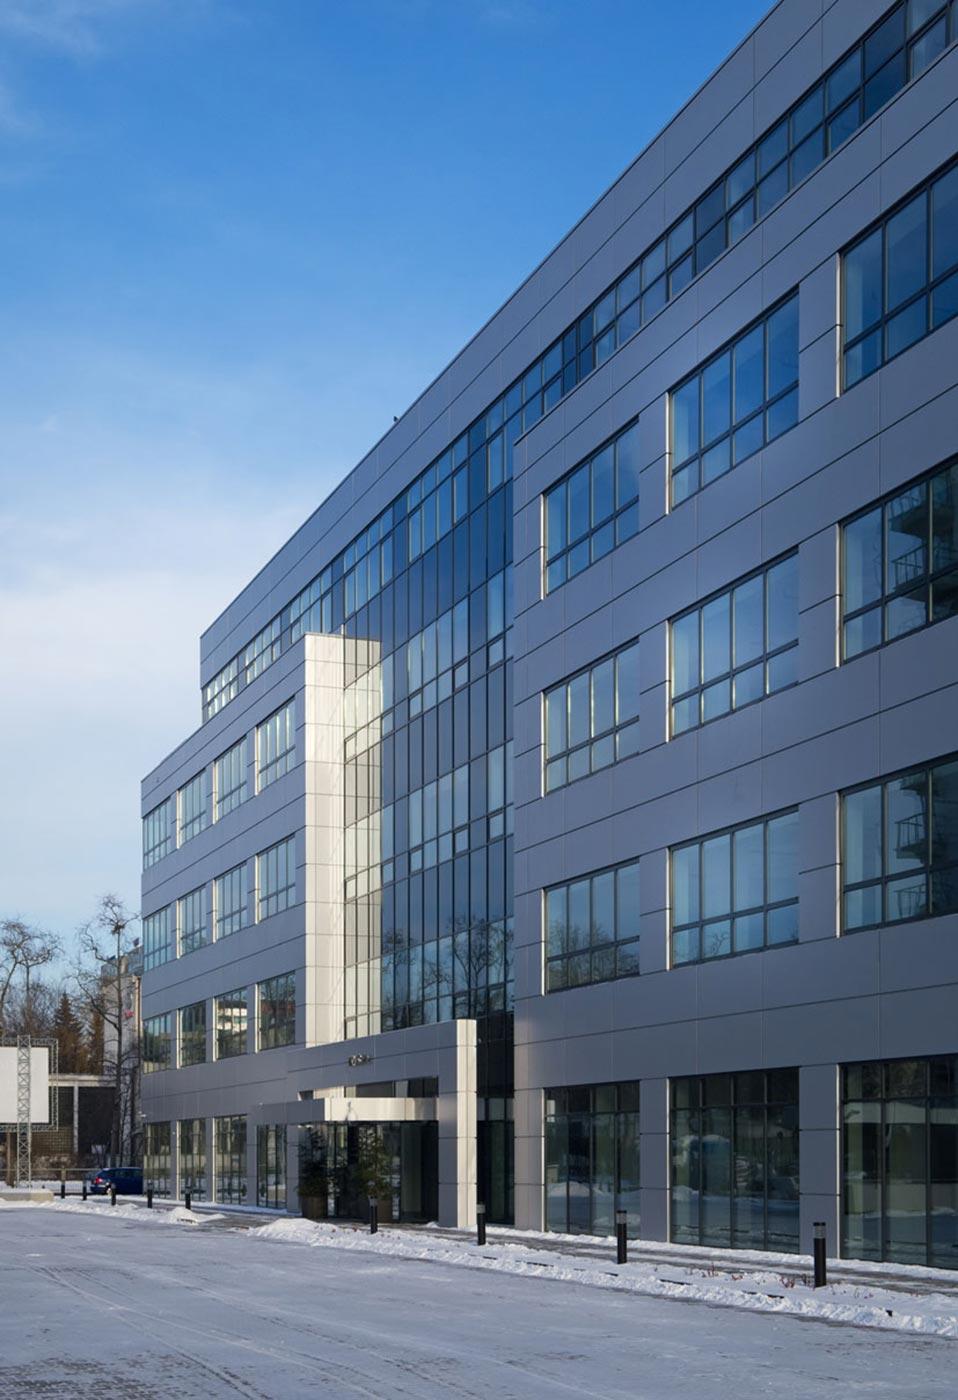 Edificio-IRYS.-Varsovia-Polonia.-larson-silver-metalic-1_1591959346.jpg